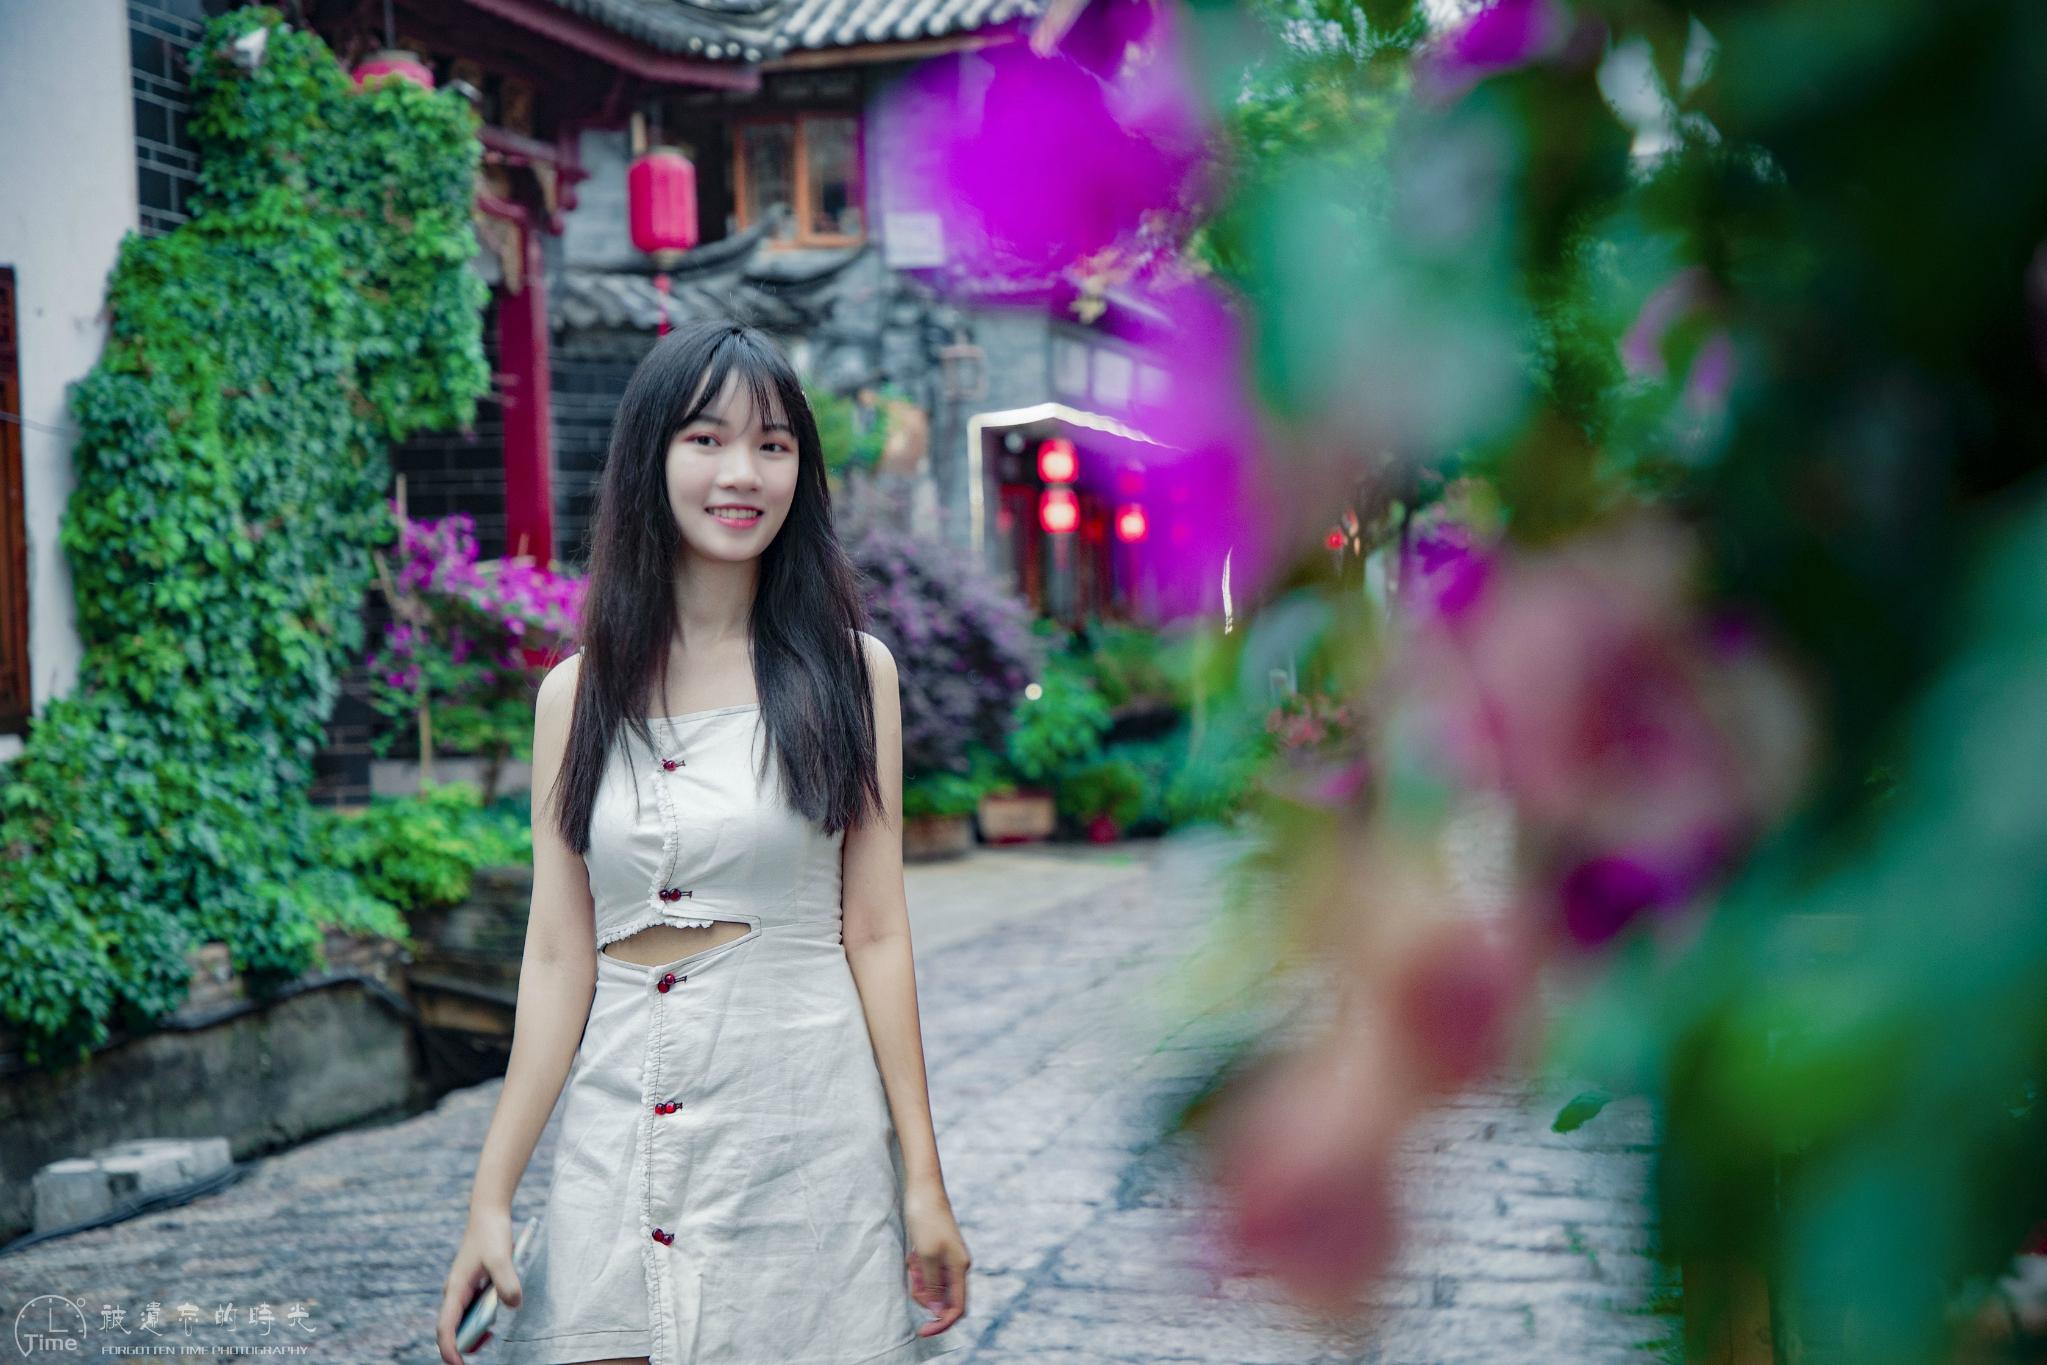 偷得浮生半日闲,我与云南的一场梦